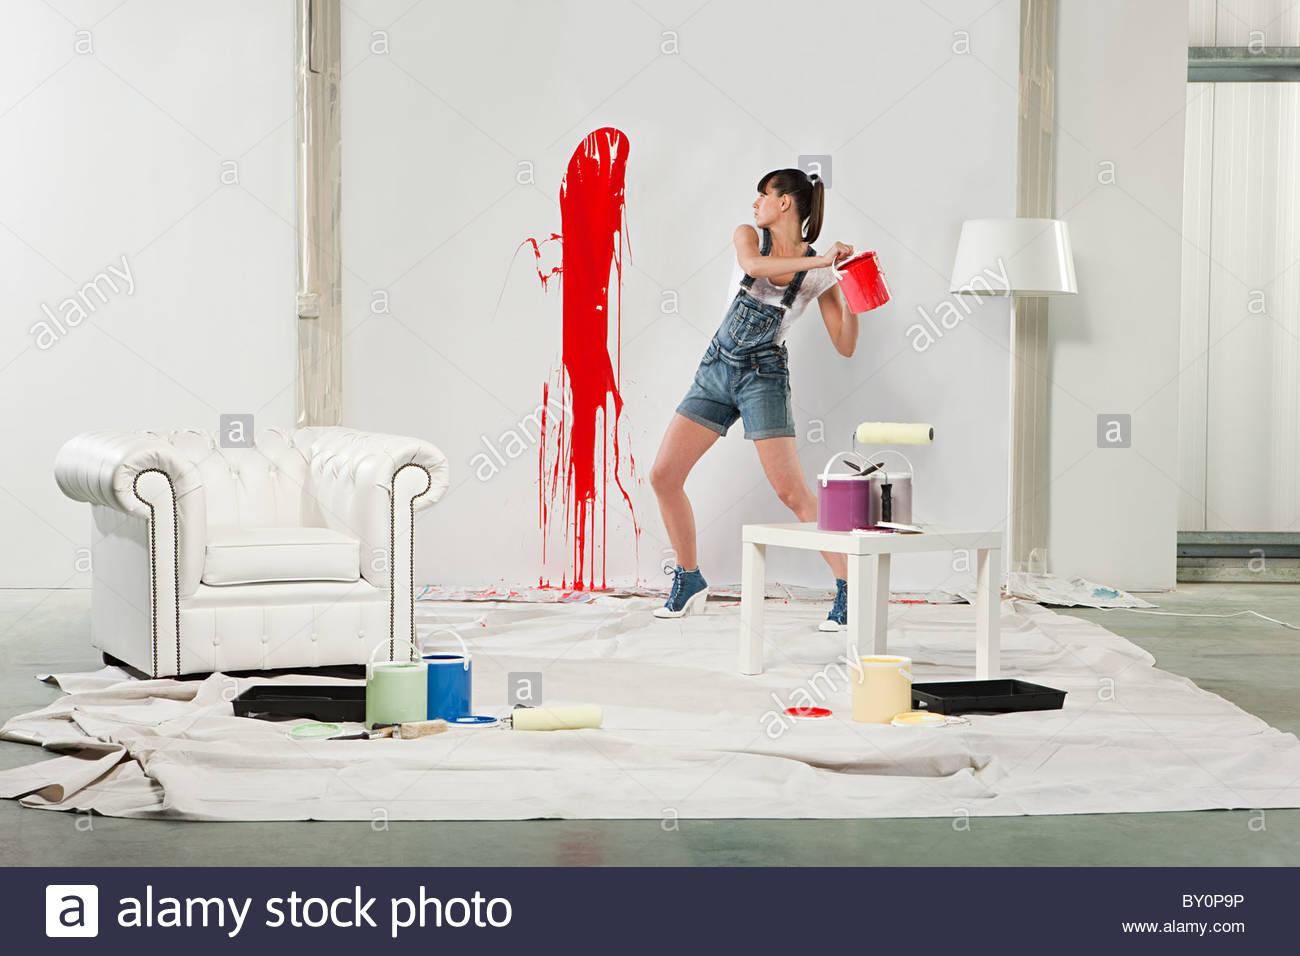 Junge Frau Spritzer roten Farbe auf weiße Wand Stockbild